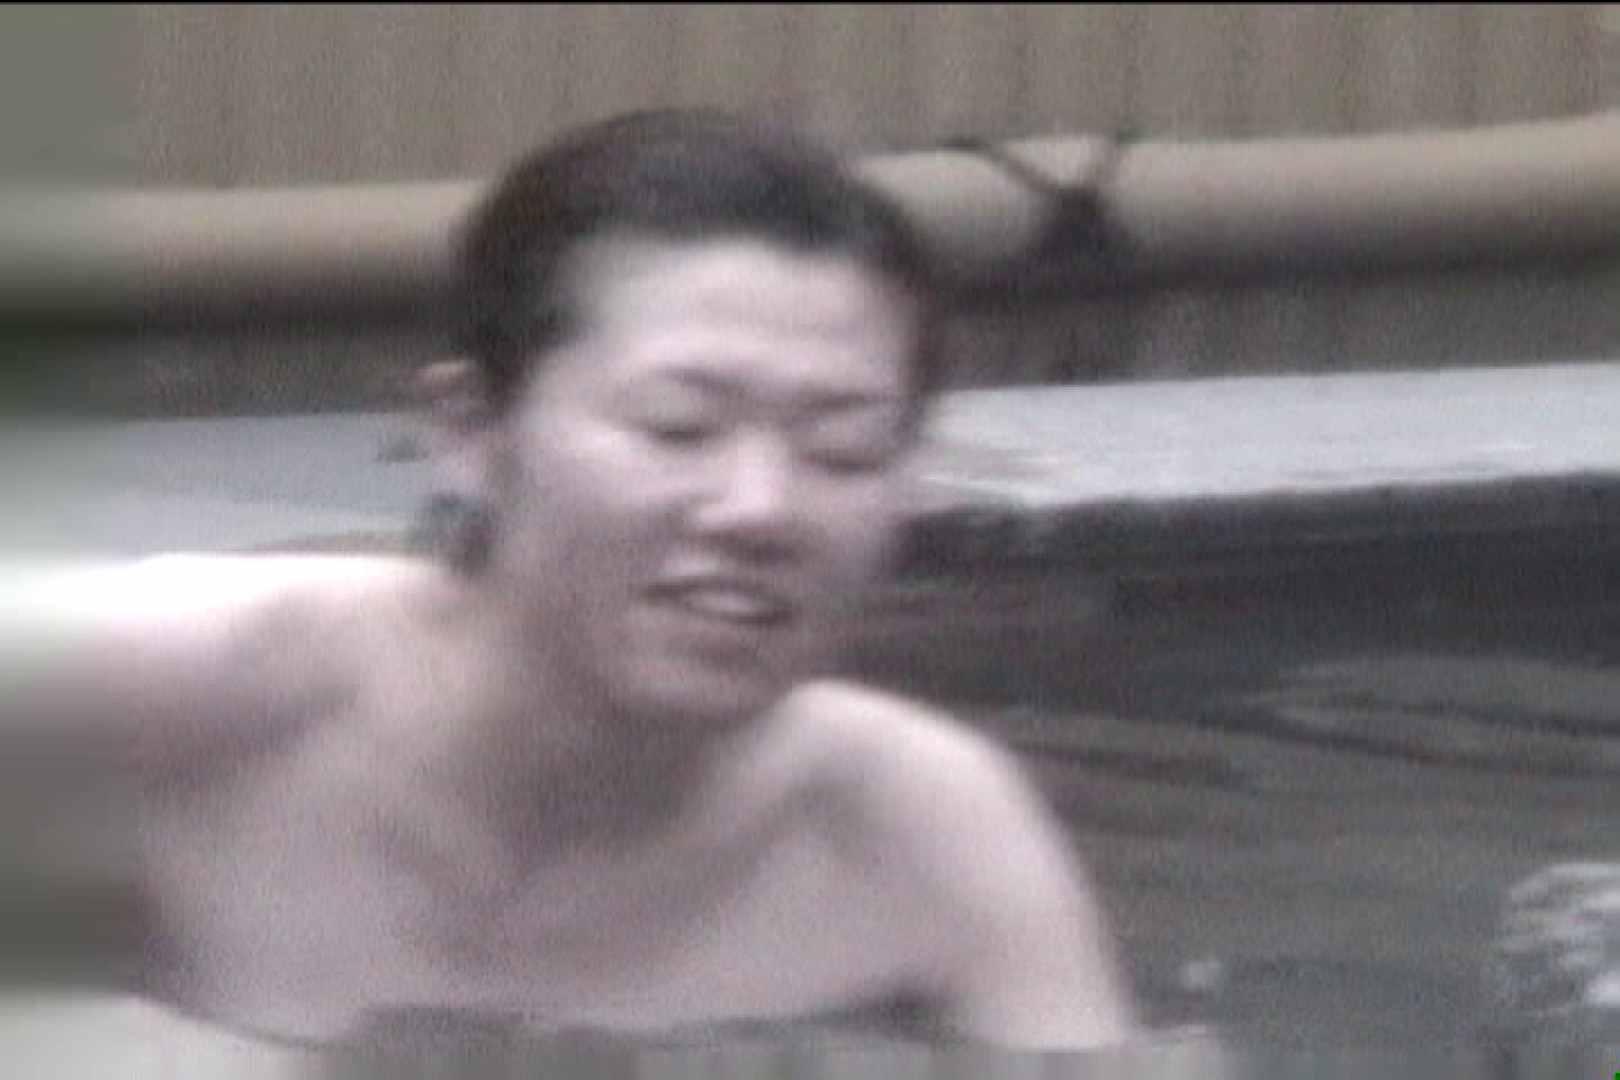 Aquaな露天風呂Vol.93【VIP限定】 盗撮シリーズ  76PIX 36